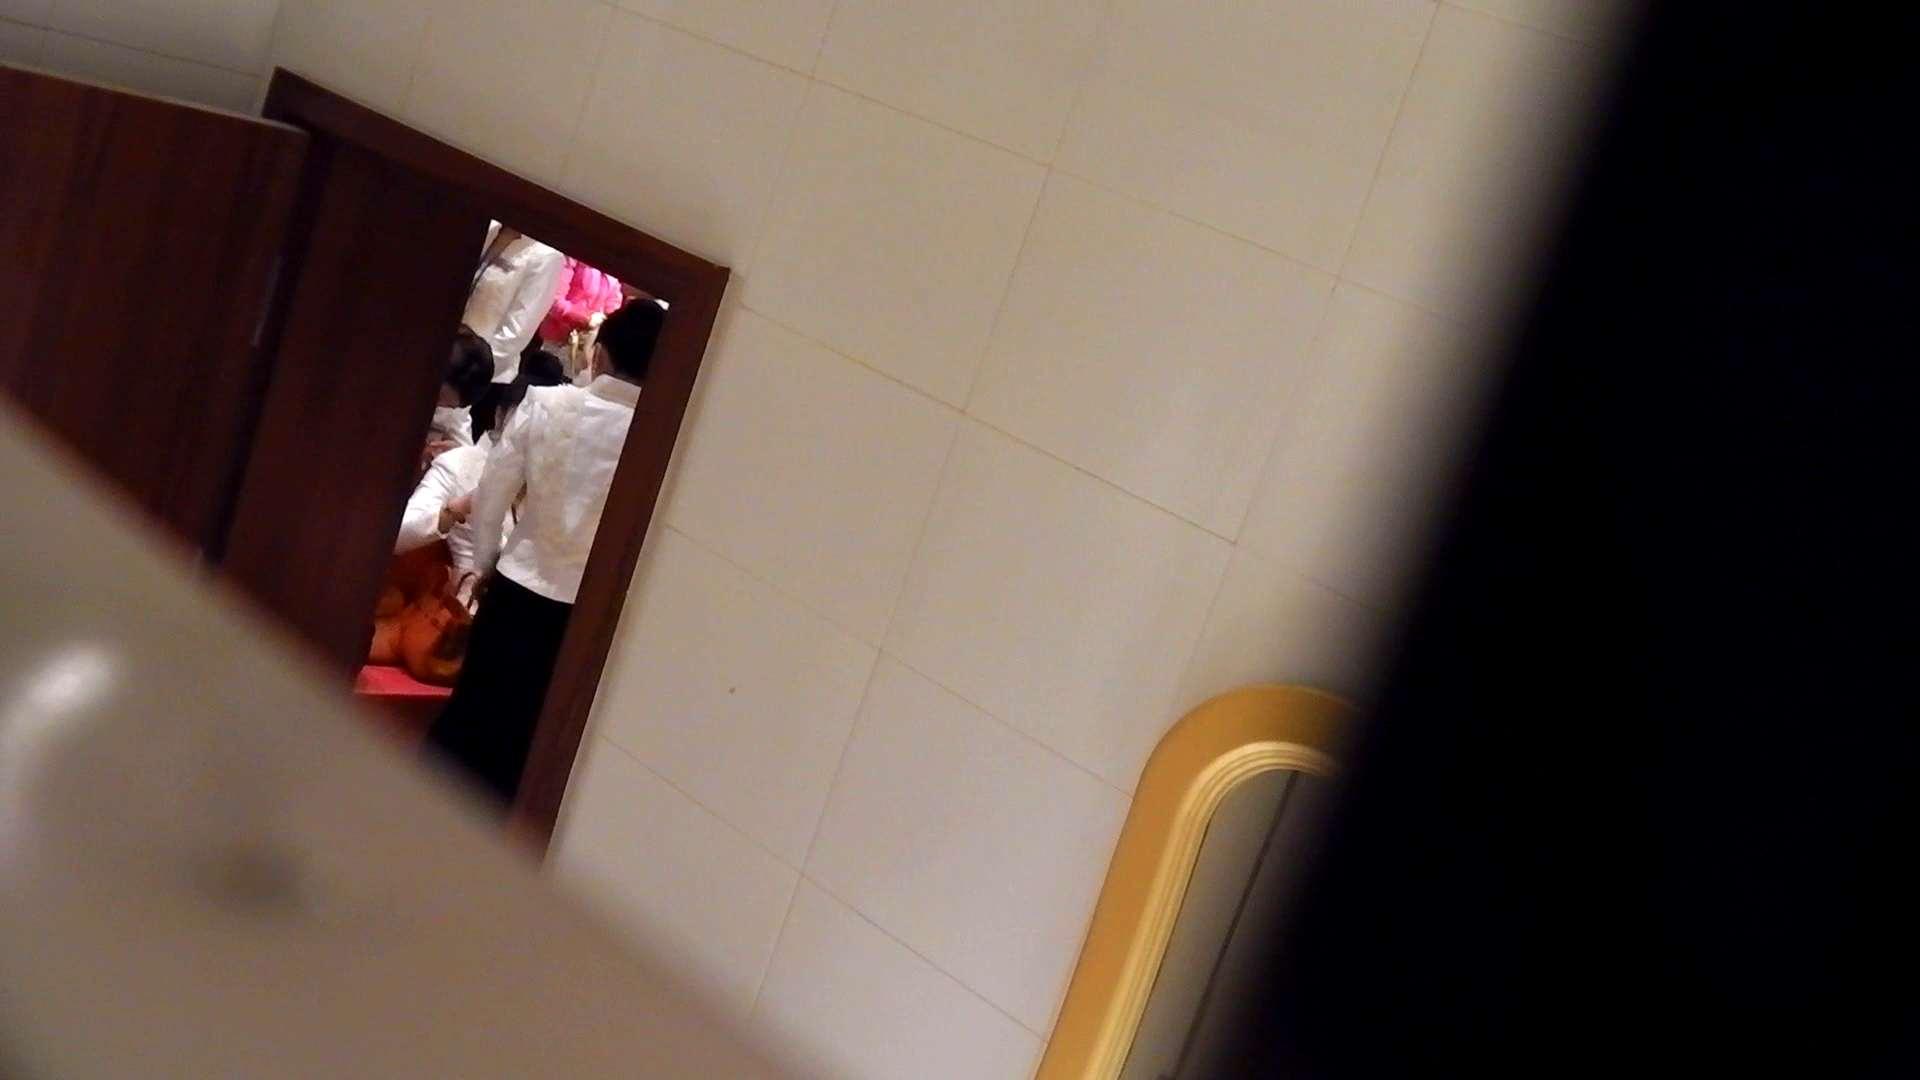 洗寿観音さんの 化粧室は四面楚歌Nol.3 いやらしいOL | 0  53連発 49